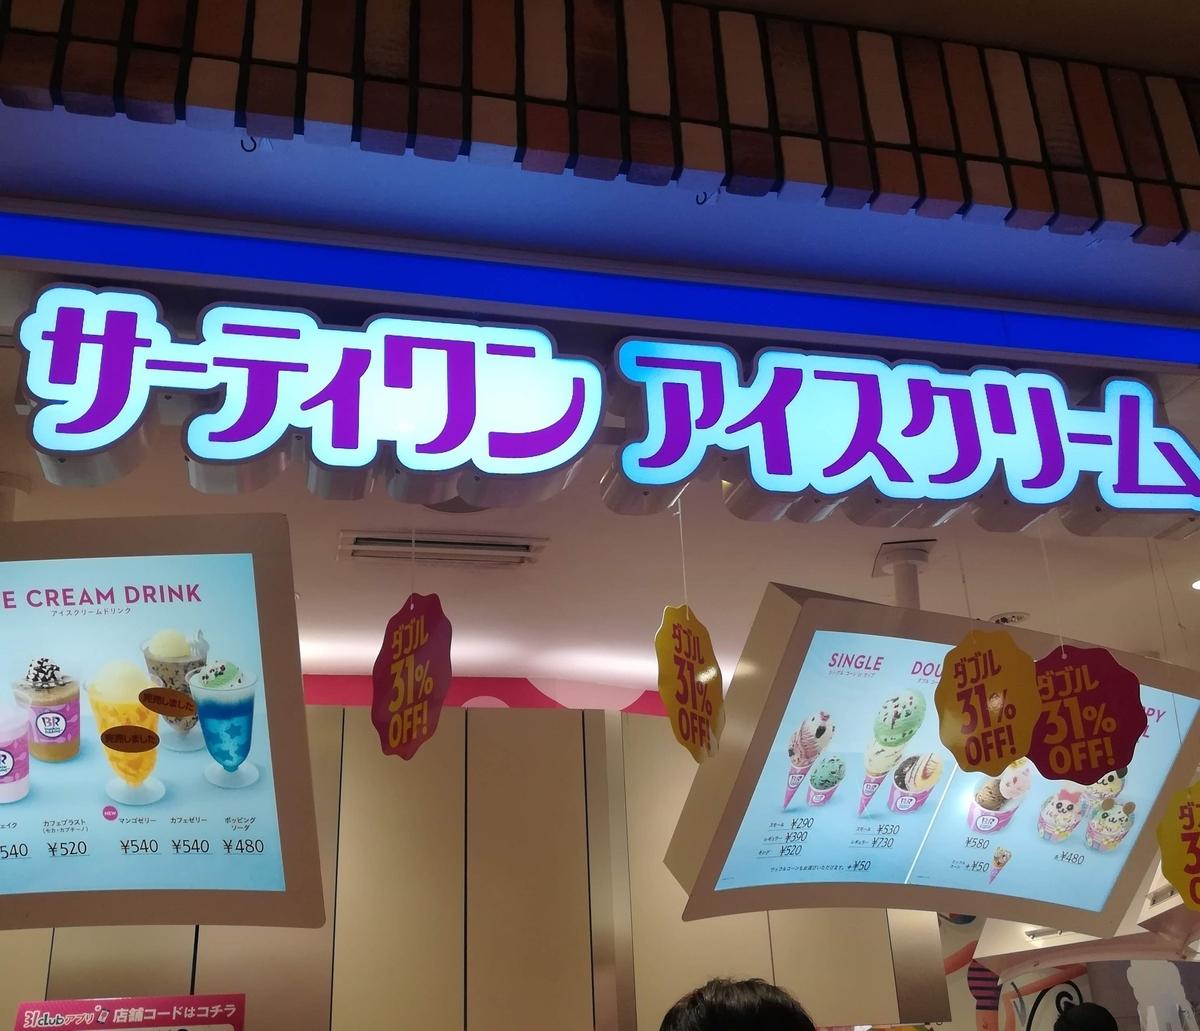 サーティワンアイスクリームがうちの子も大好き!